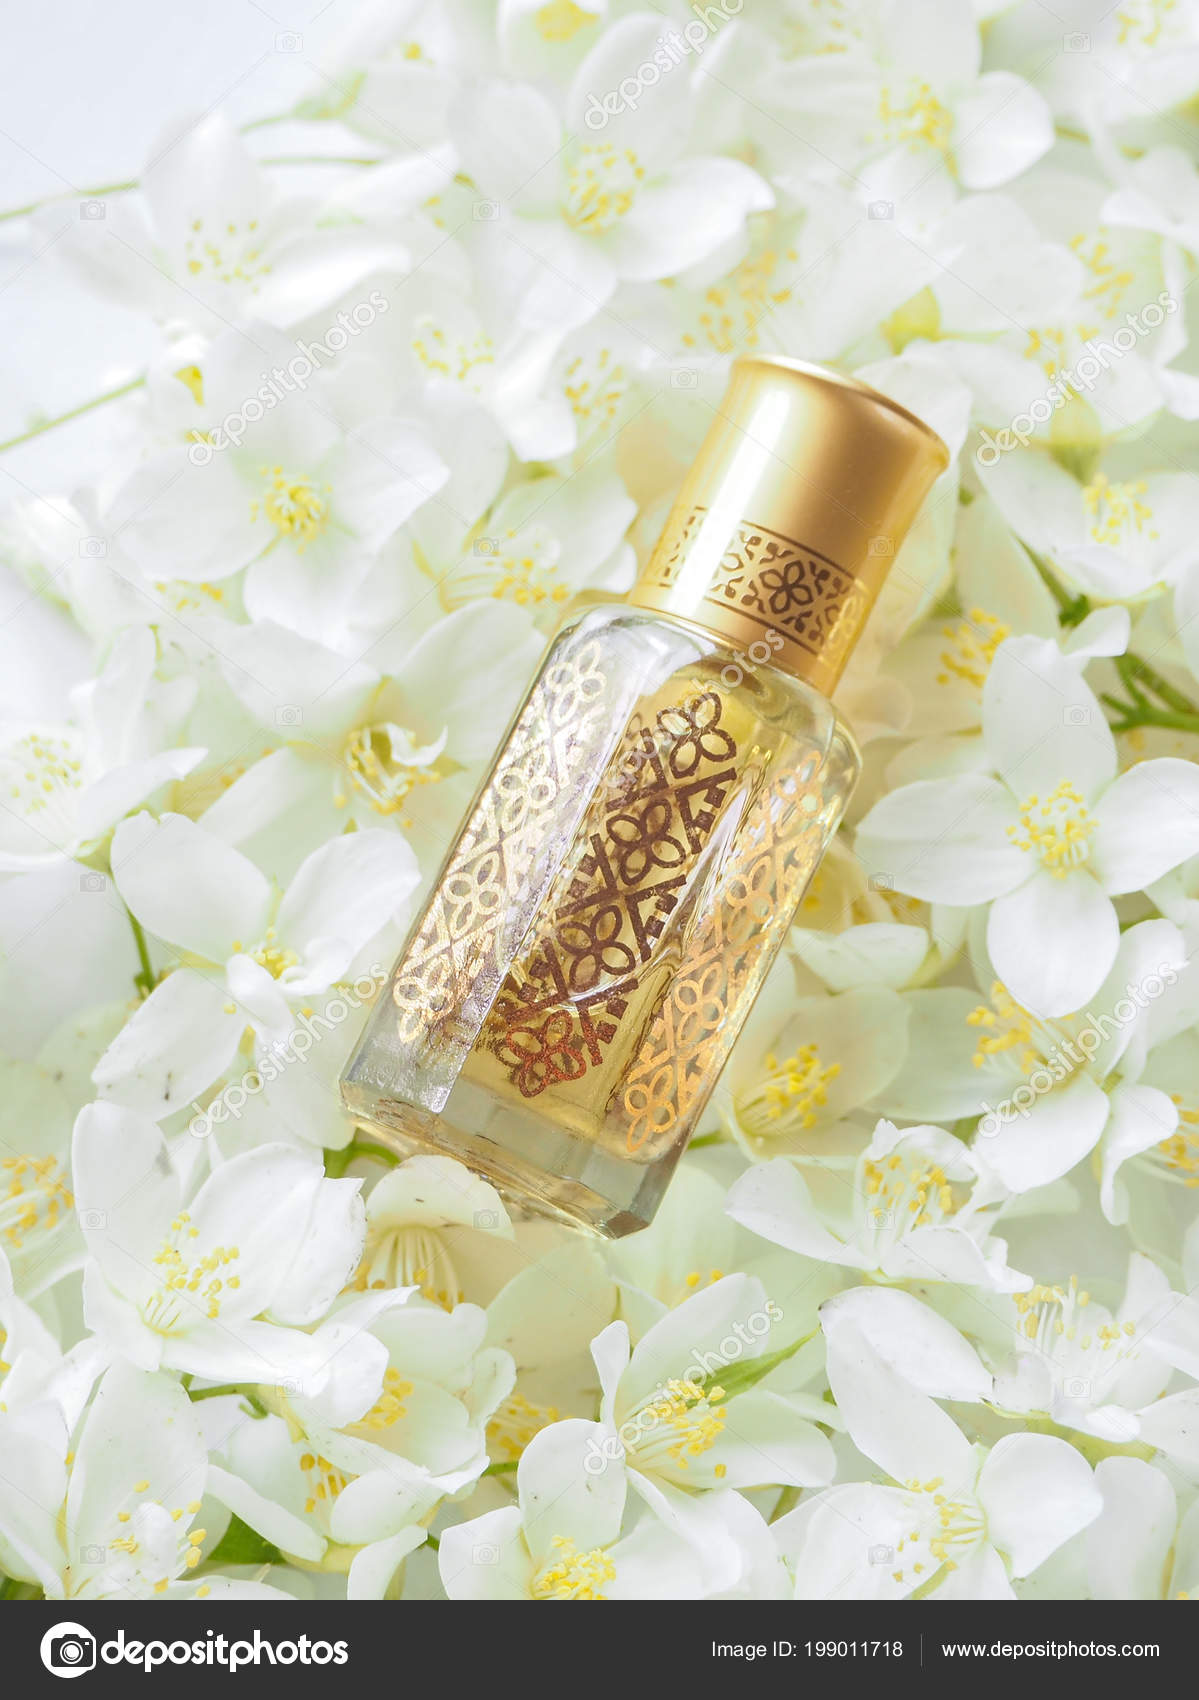 Arabian oudh attar perfume or agarwood oil fragrances with